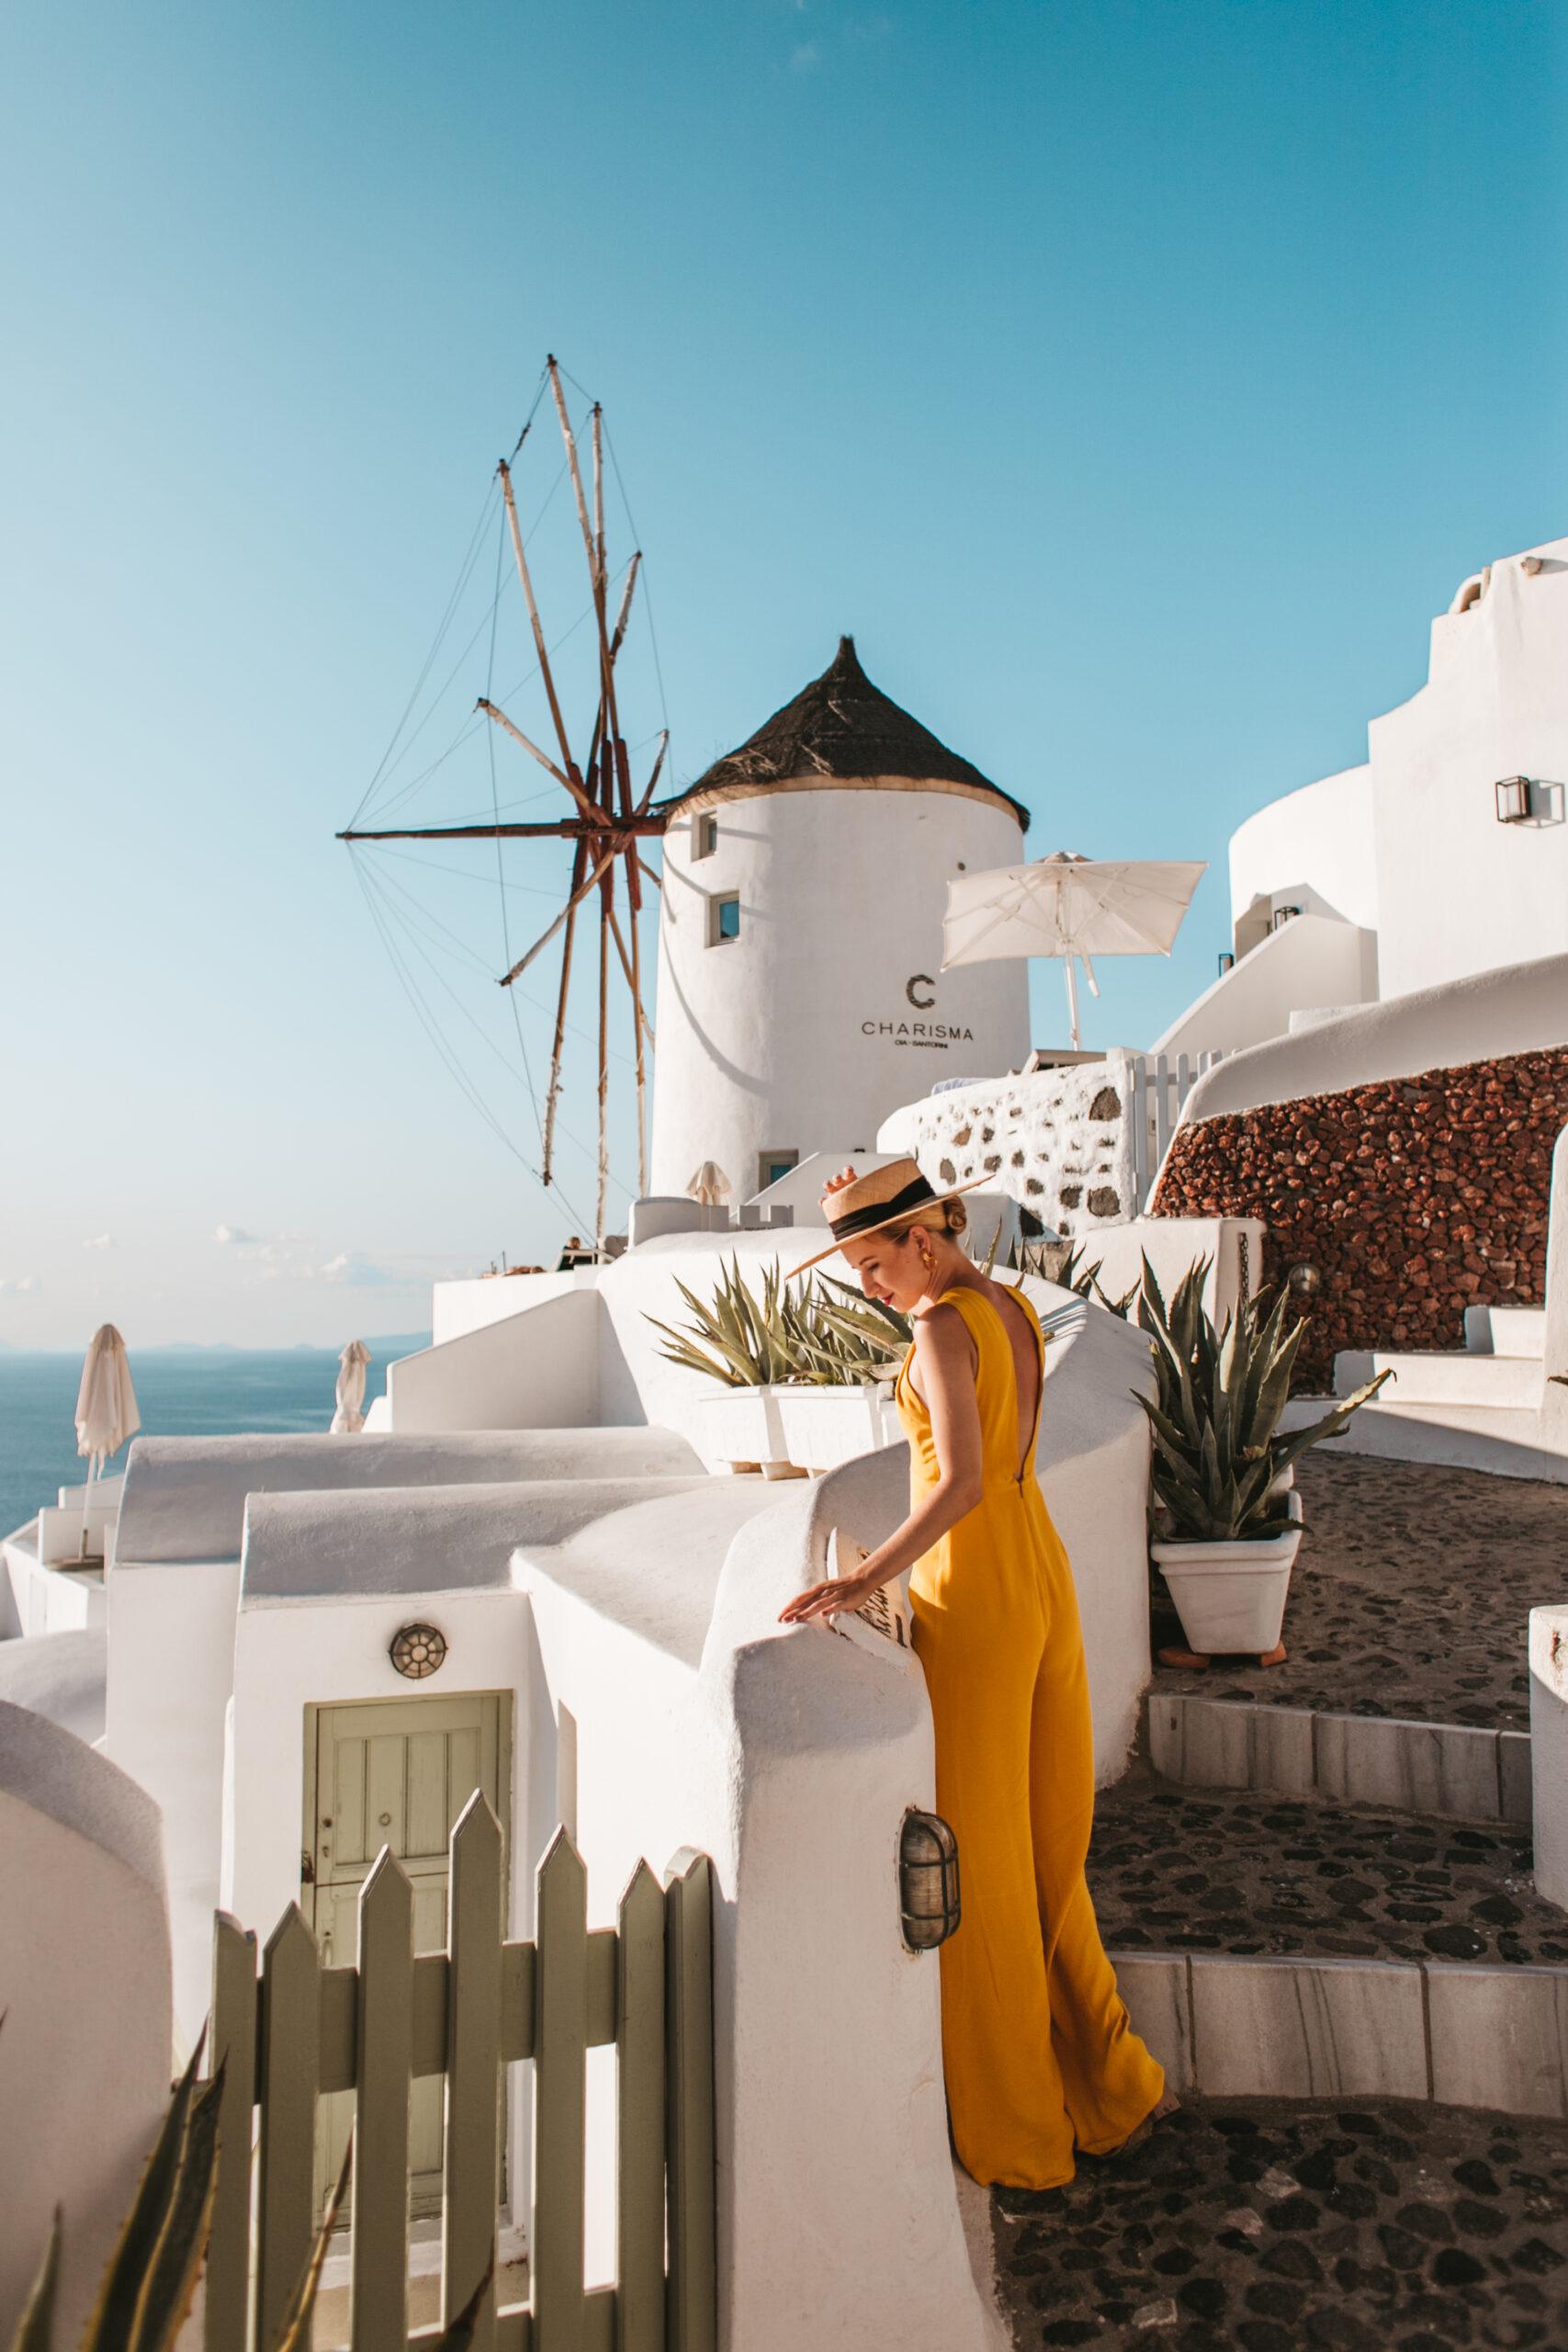 Santorini wiatraki Oia, Greckie wiatraki, ubrania na santorynie